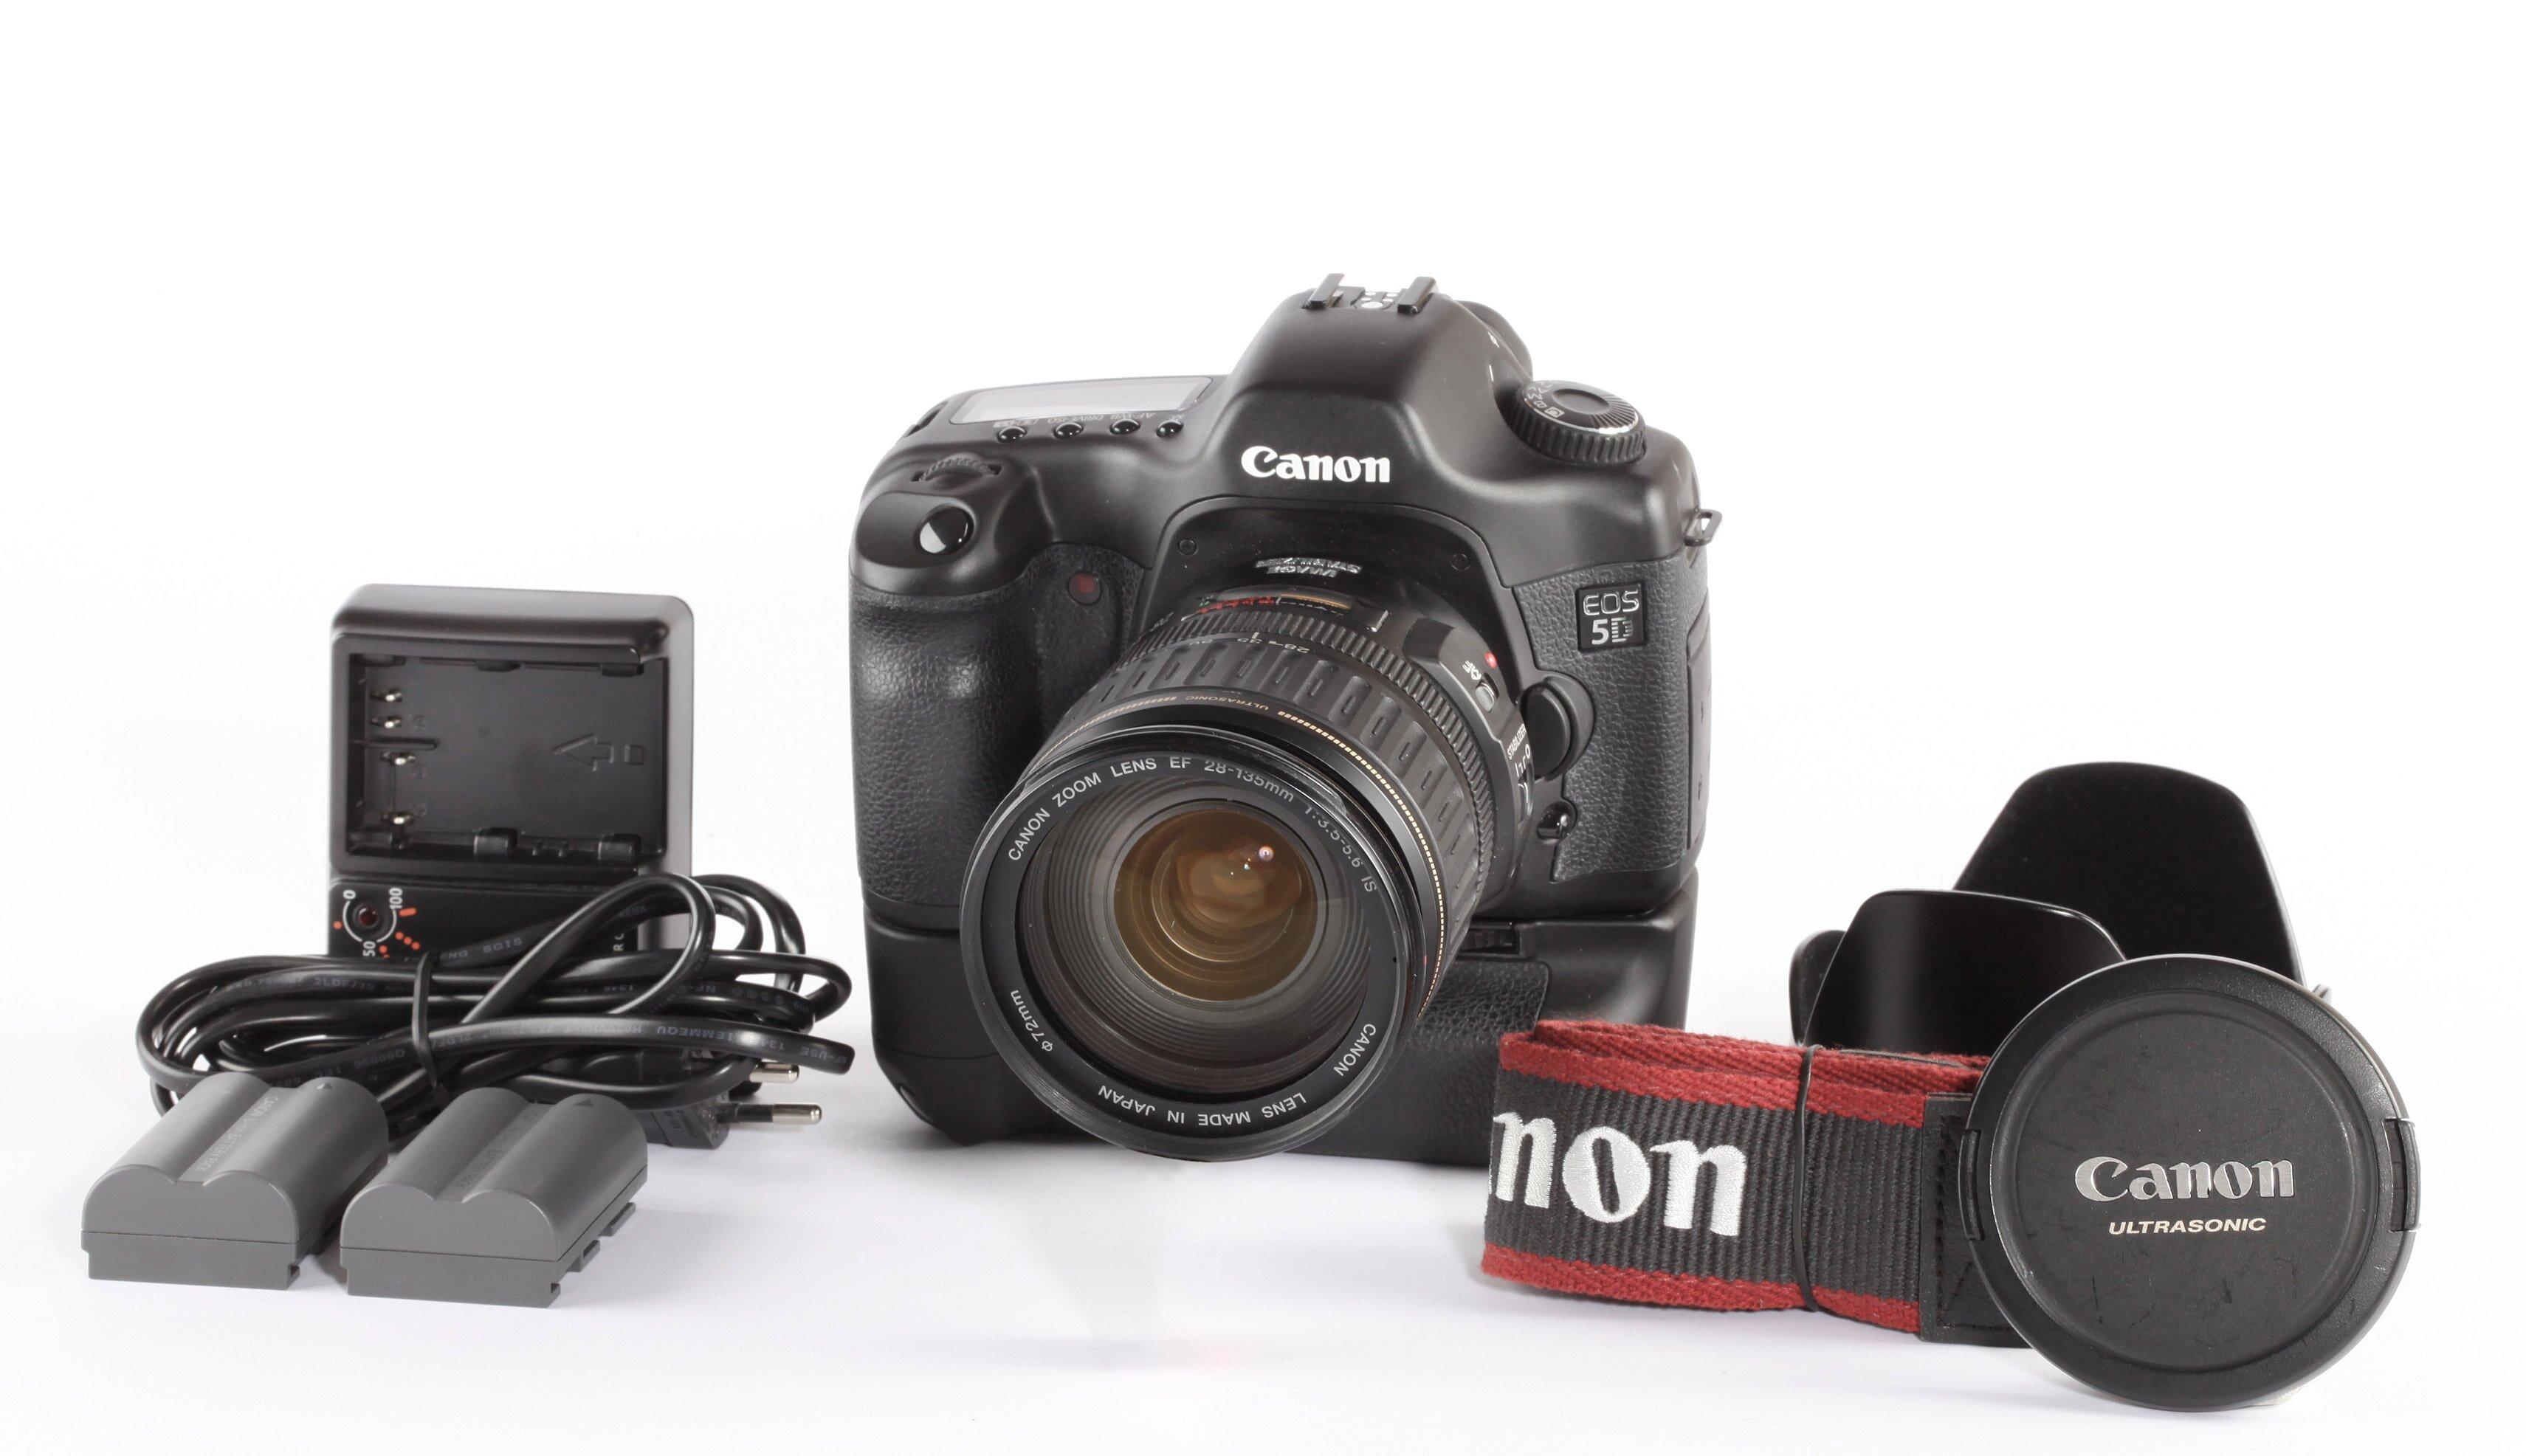 Canon EOS 5 D +Canon 28-135mm IS + BG-E4